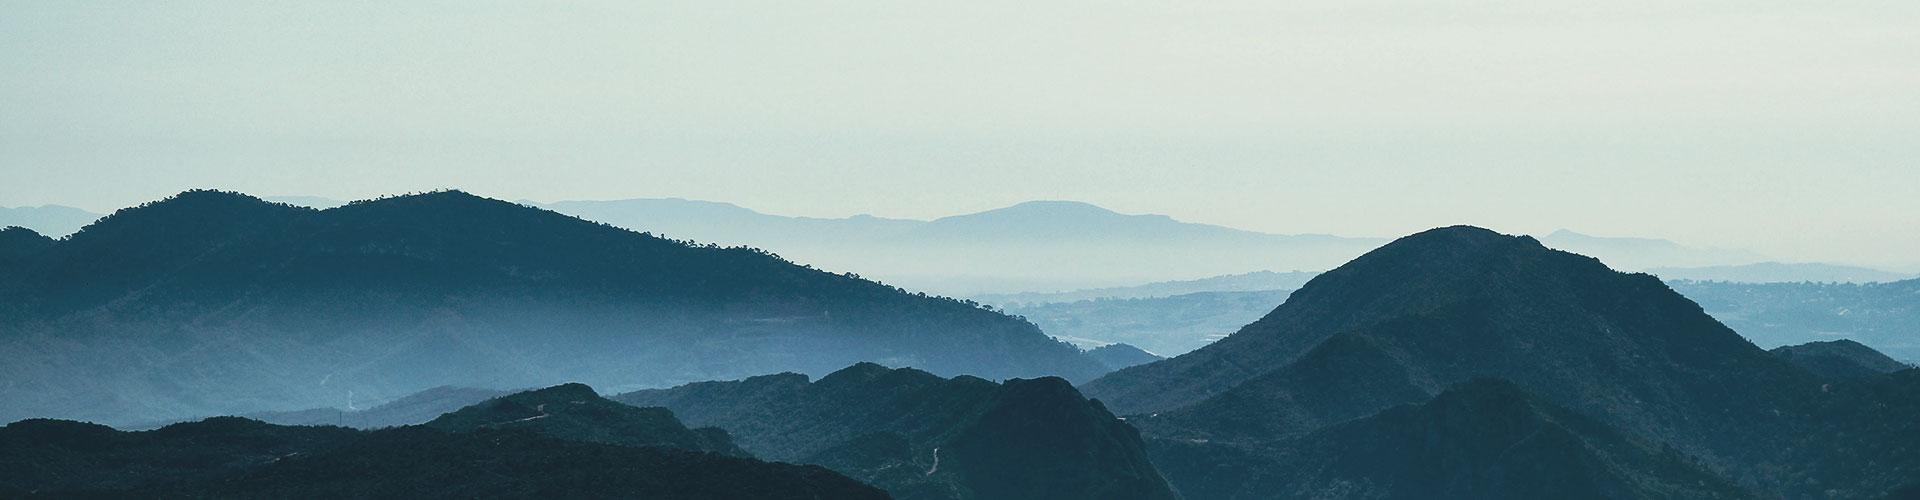 Silhouette eines Bergmassives in bläulichem Licht